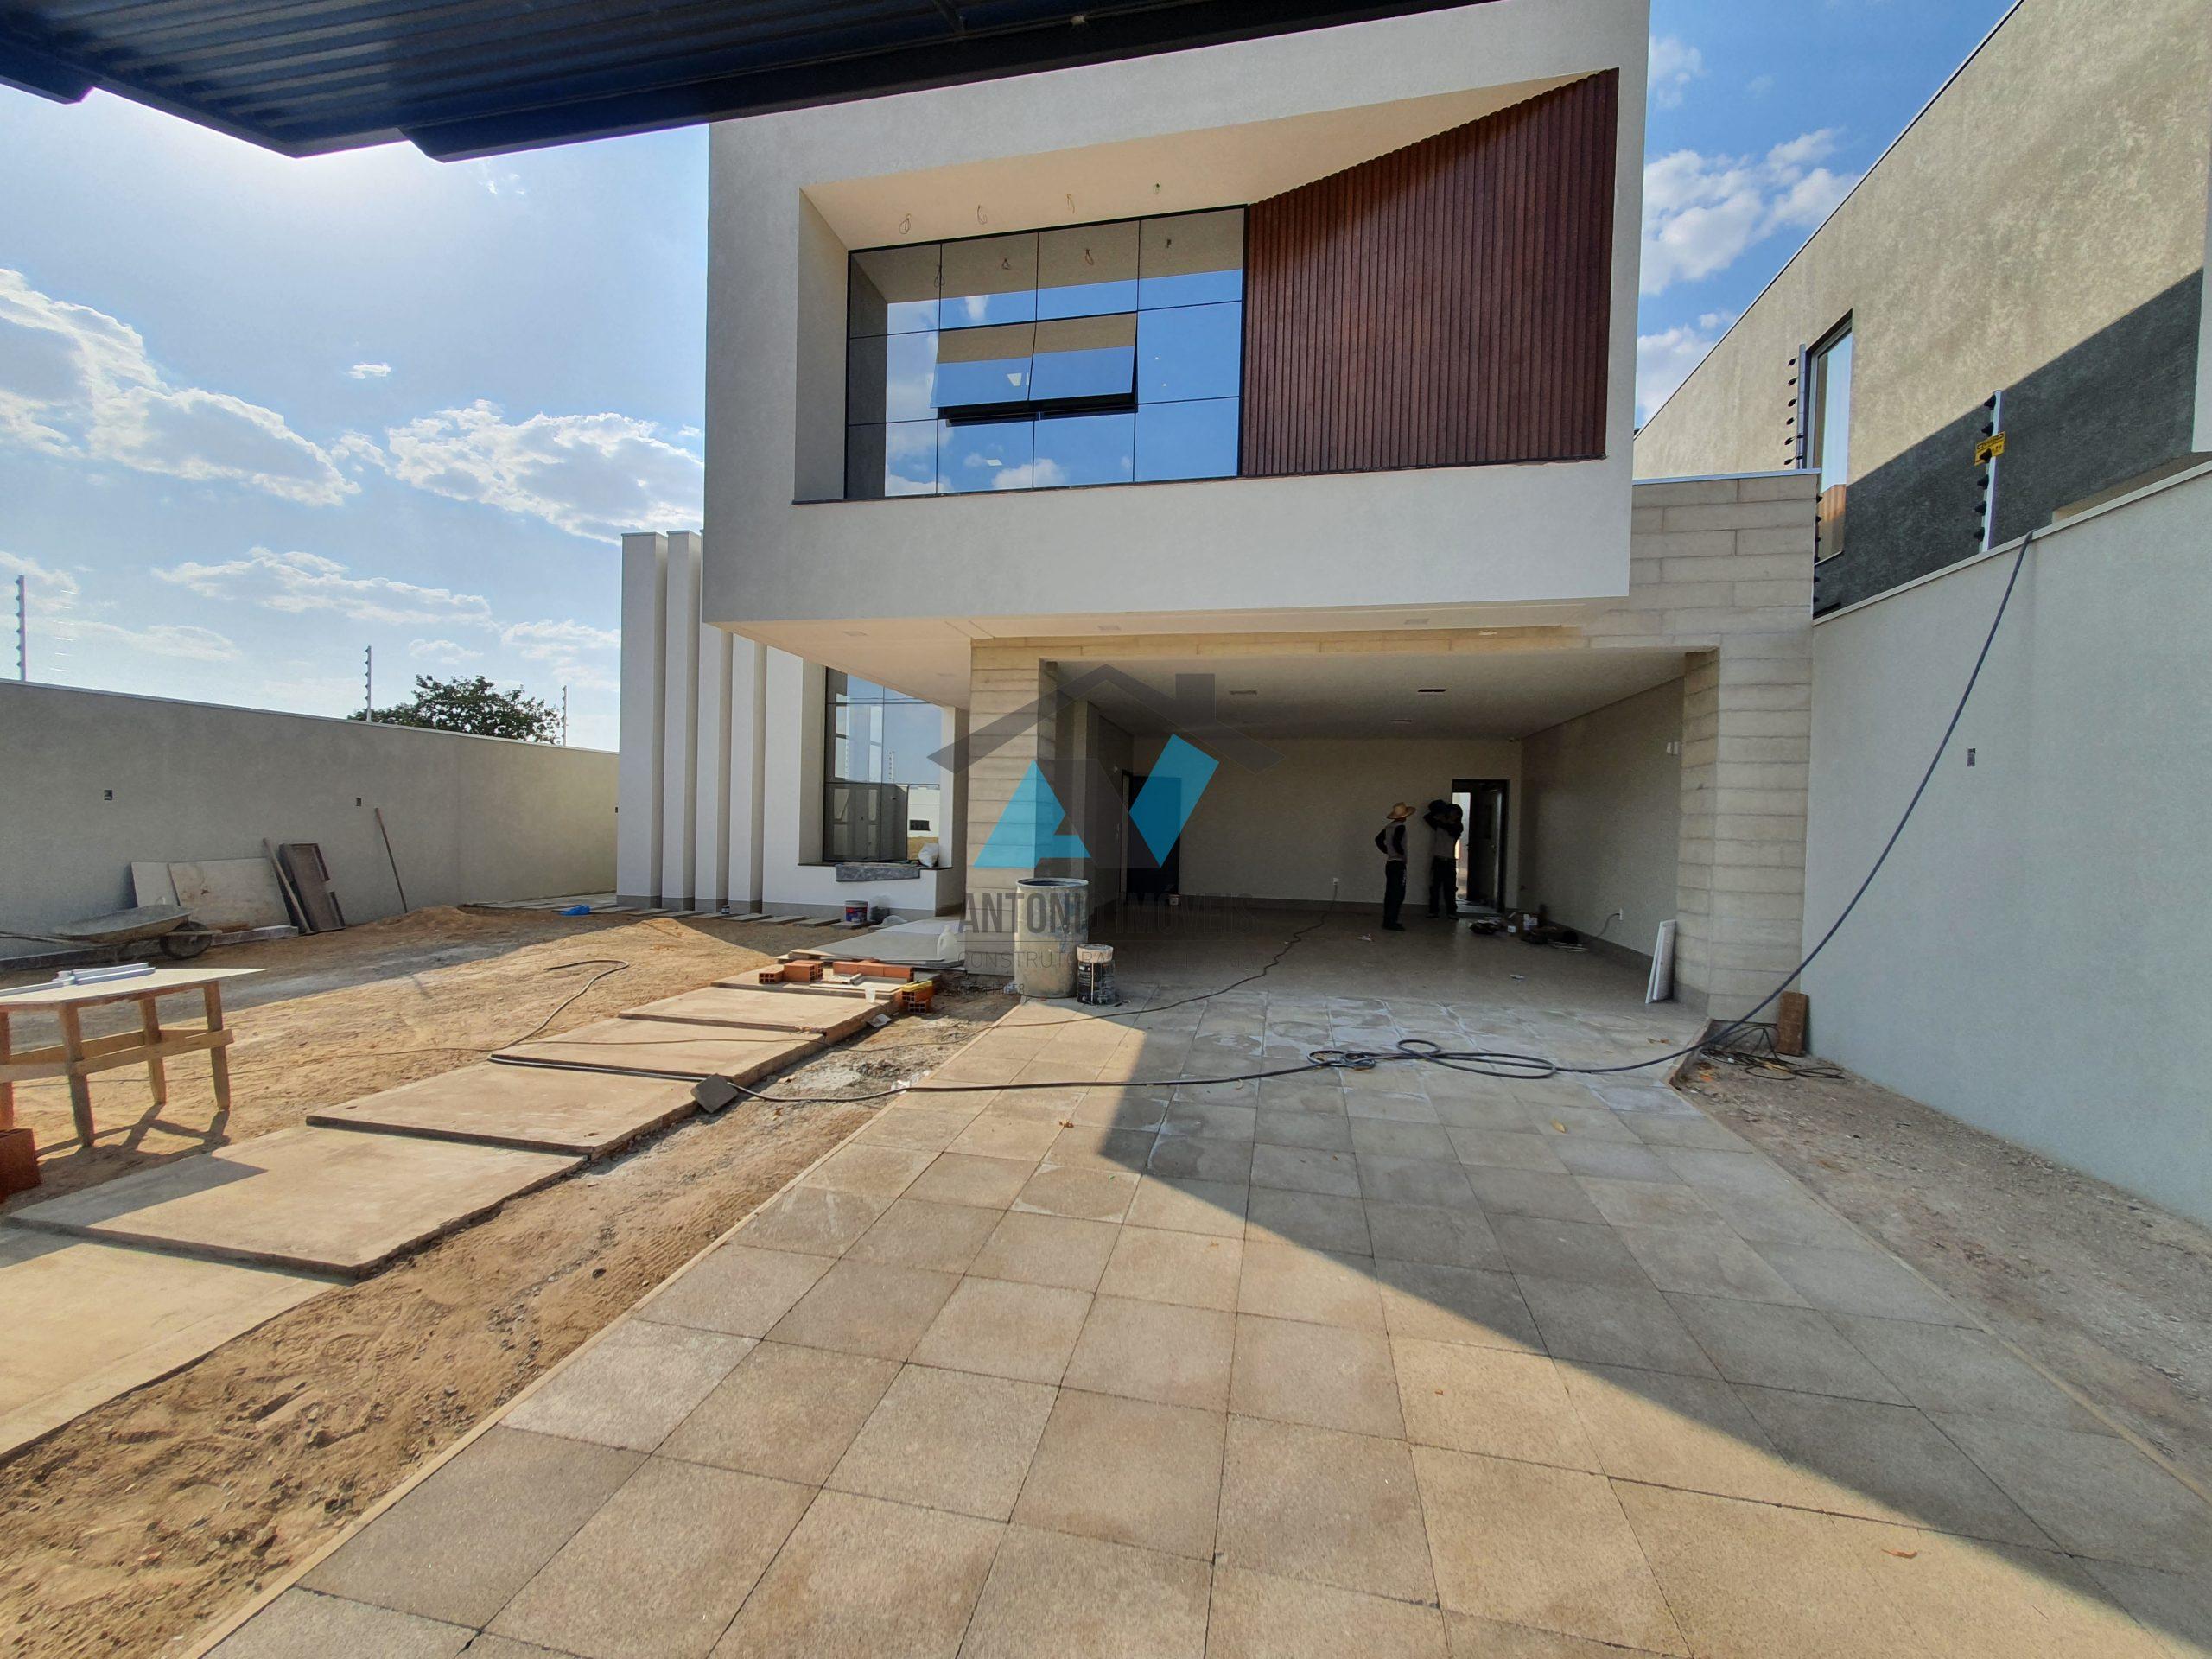 Cod. 287 – Sobrado no Jardim Riva com energia solar com designe moderno.